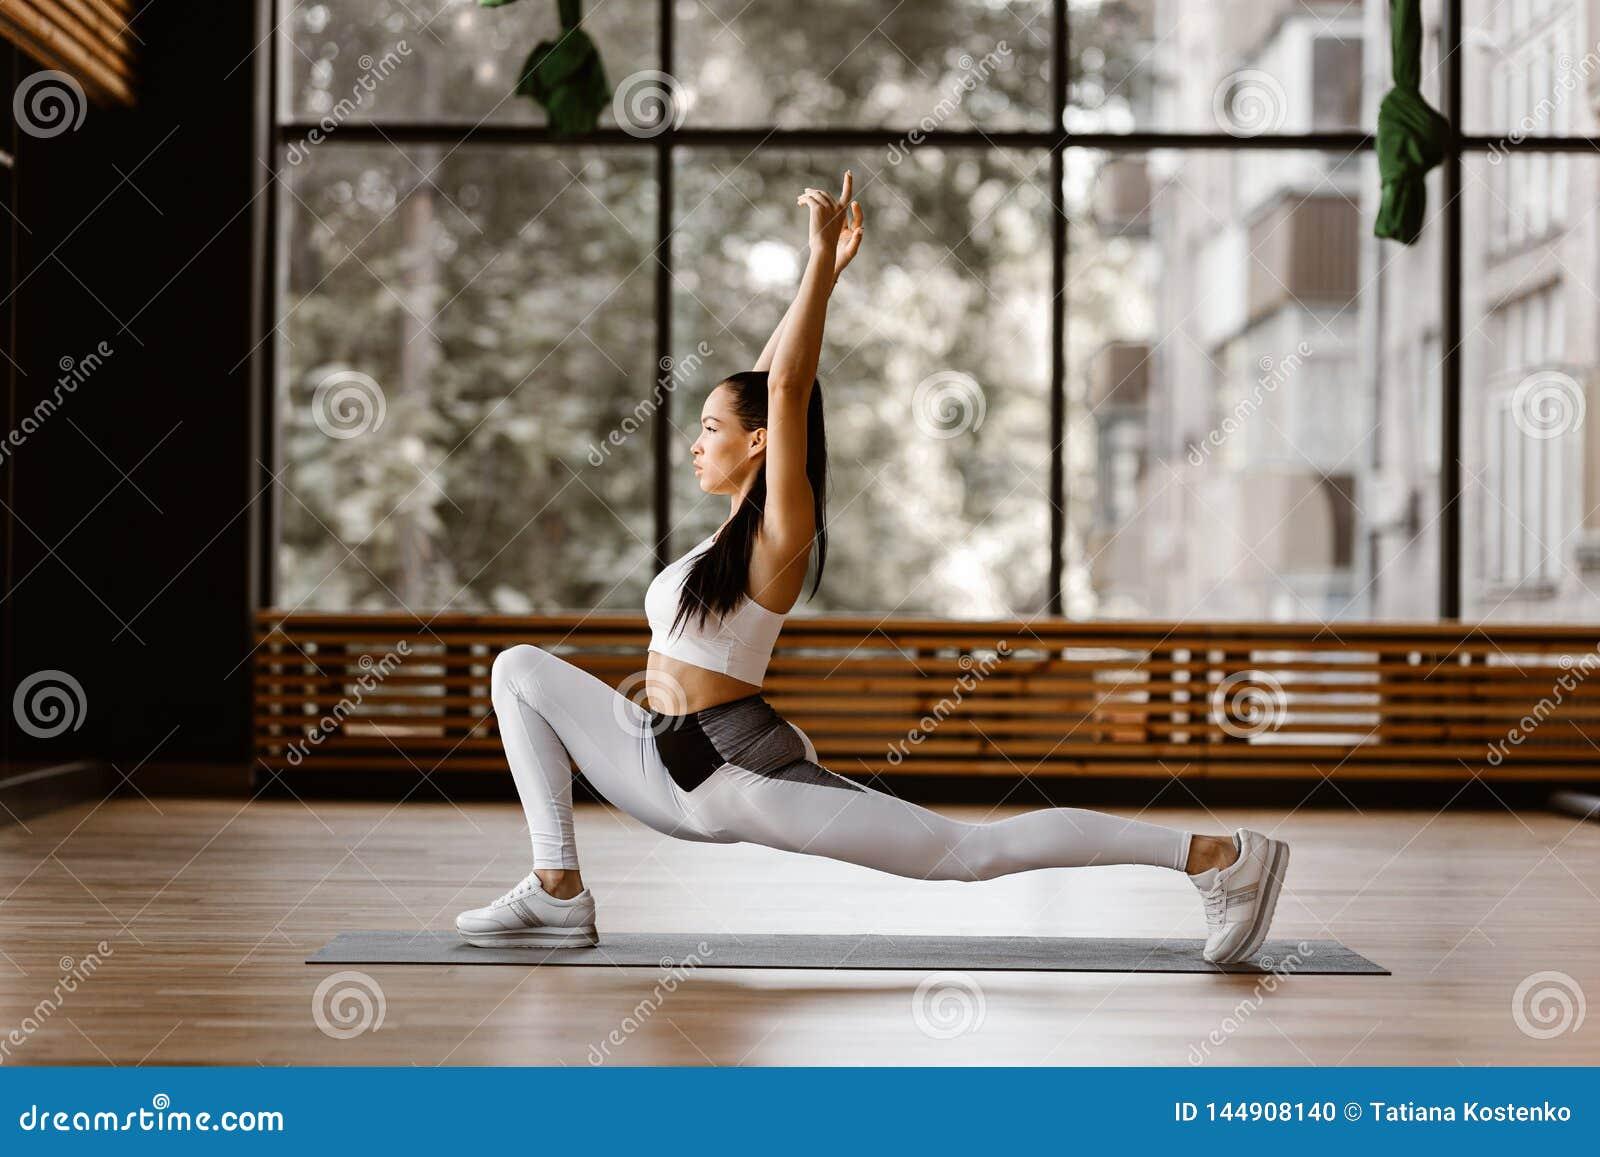 La giovane ragazza mora esile vestita in cima e calzamaglia bianche di sport sta facendo l affondo inverso e raggiungere le armi